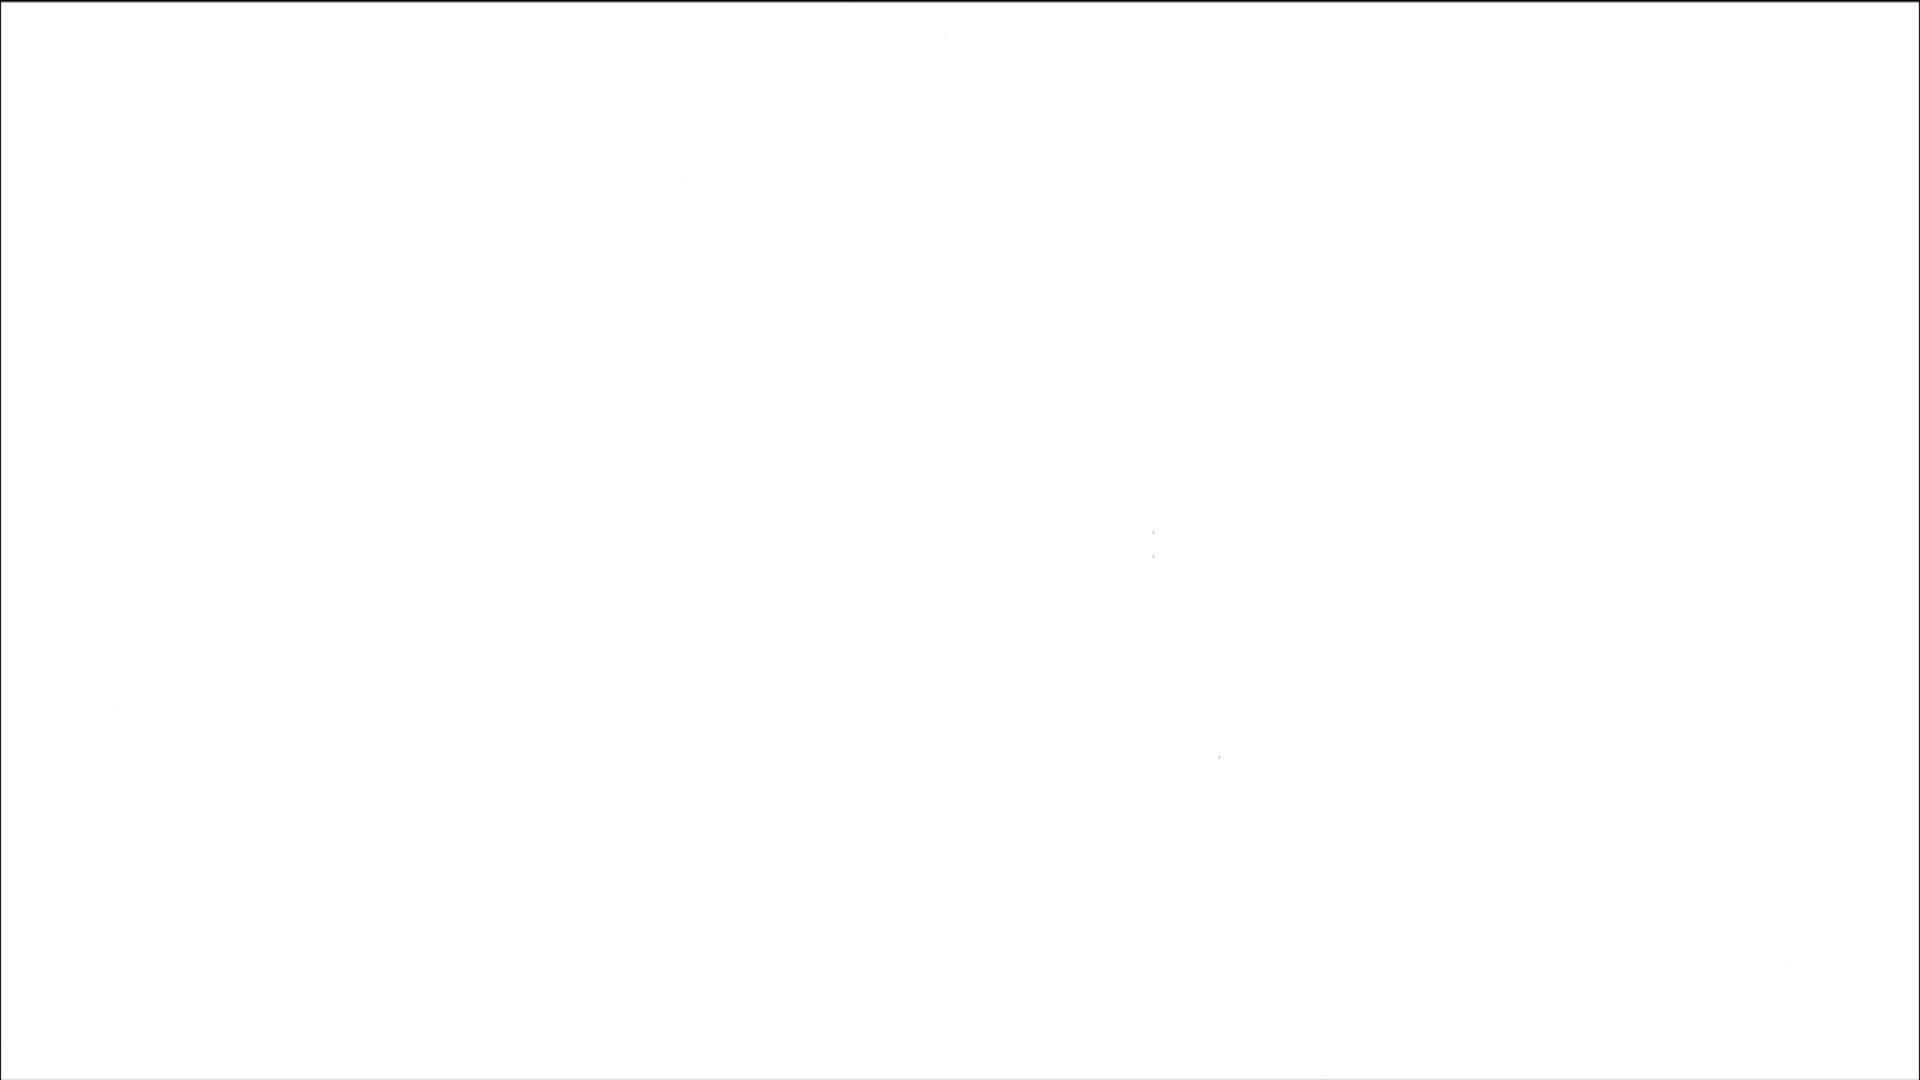 無修正エロ動画|第三体育館潜入撮File008 瞬間移動、隙間からじっとピチピチを覗く|怪盗ジョーカー